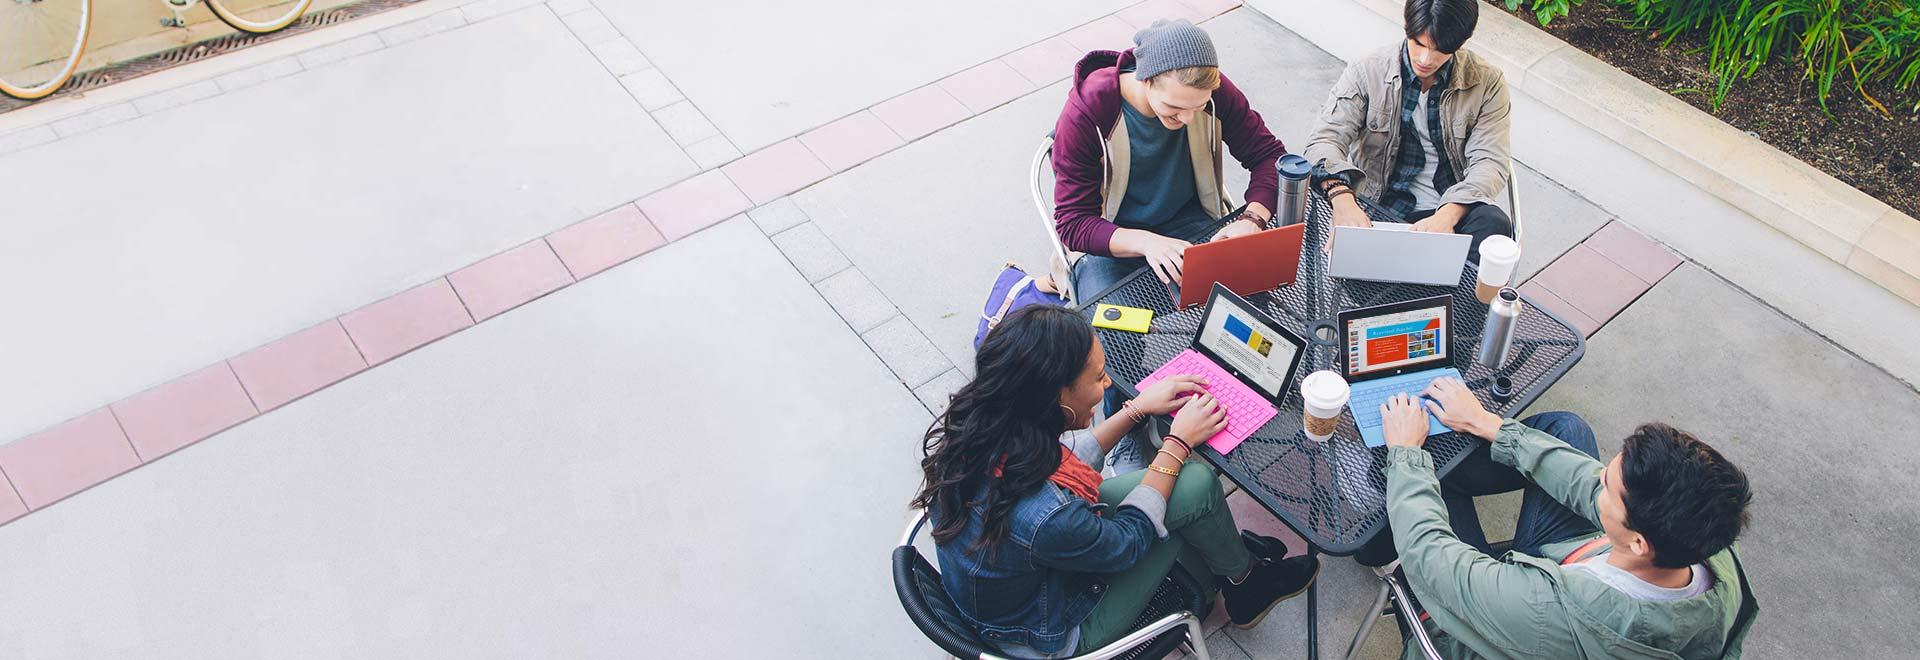 Үстелде планшеттерінде Оқуға арналған Office 365 бағдарламасын пайдаланып отырған төрт оқушы.